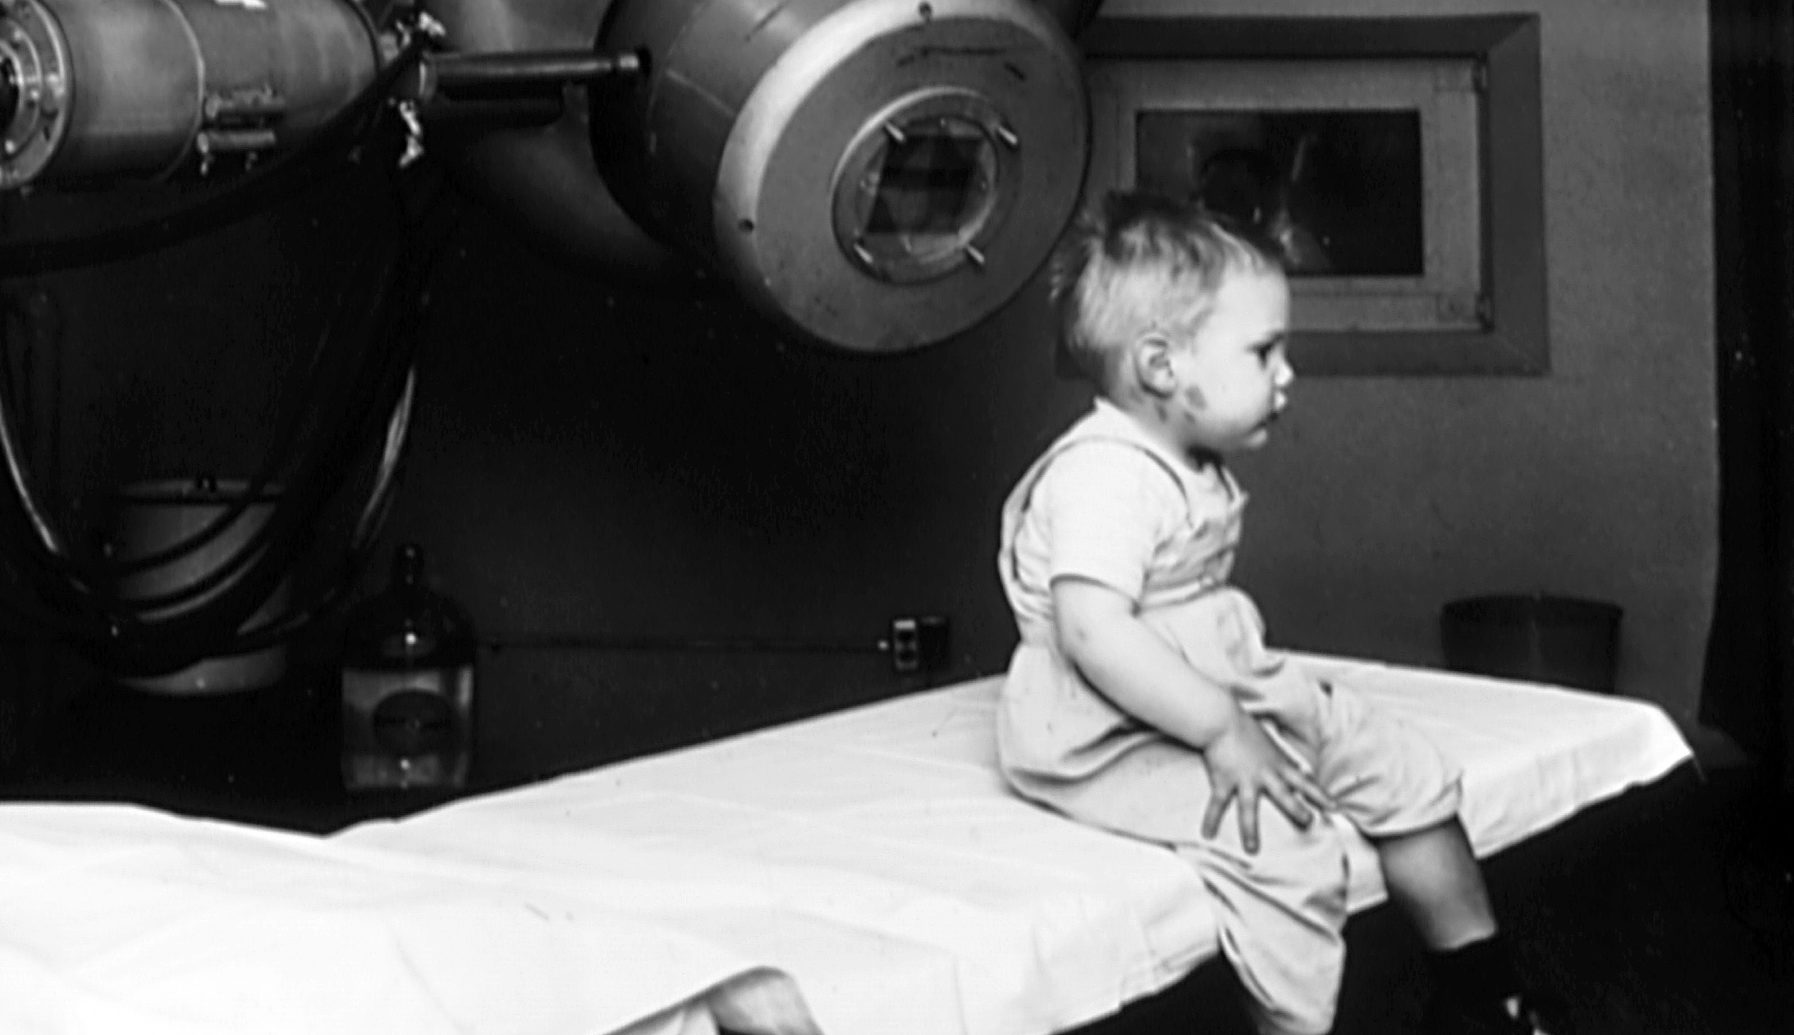 Американский мальчик Гордон Айзекс был первым человеком, которого лечили при помощи линейного ускорителя. Это было в 1953 году. Фото: Национальный институт изучения рака, США.